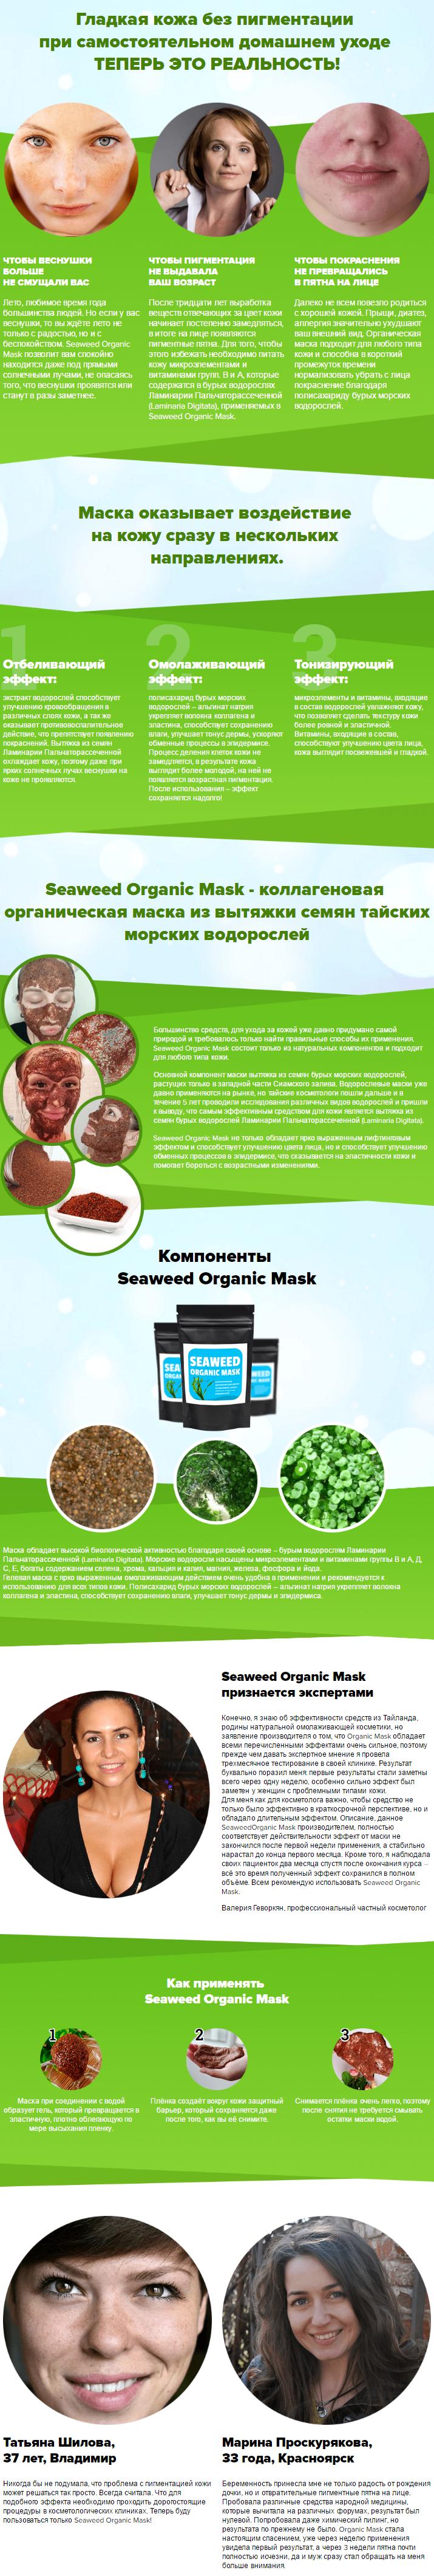 Seaweed Organic Mask — маска для отбеливания и омоложения кожи купить